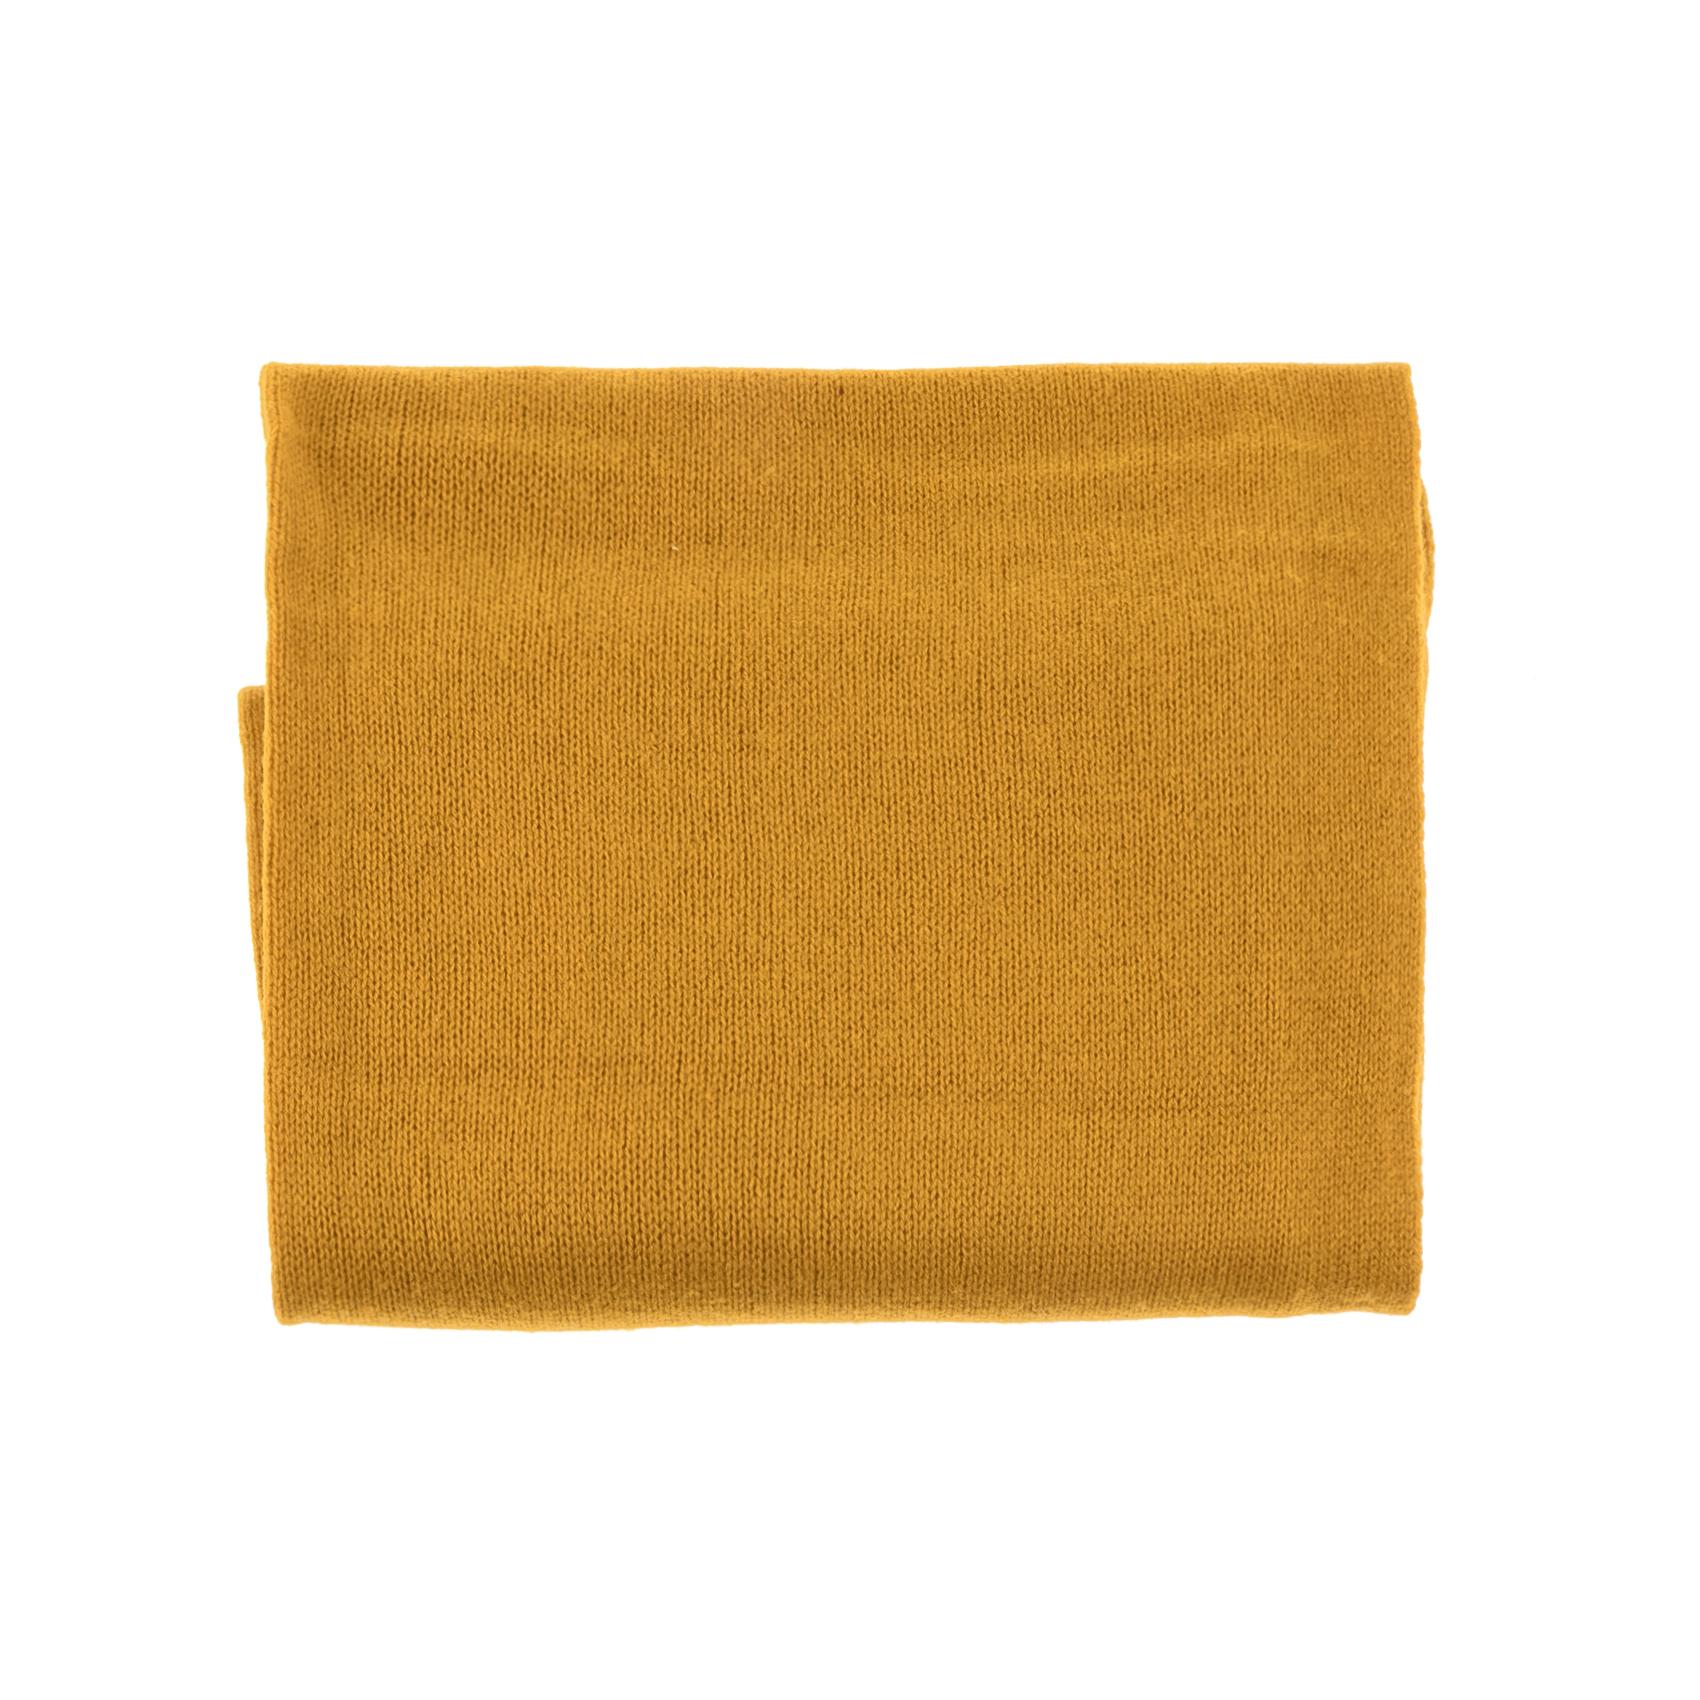 AMERICAN VINTAGE - Γυναικείο κασκόλ AMERICAN VINTAGE κίτρινο γυναικεία αξεσουάρ φουλάρια κασκόλ γάντια